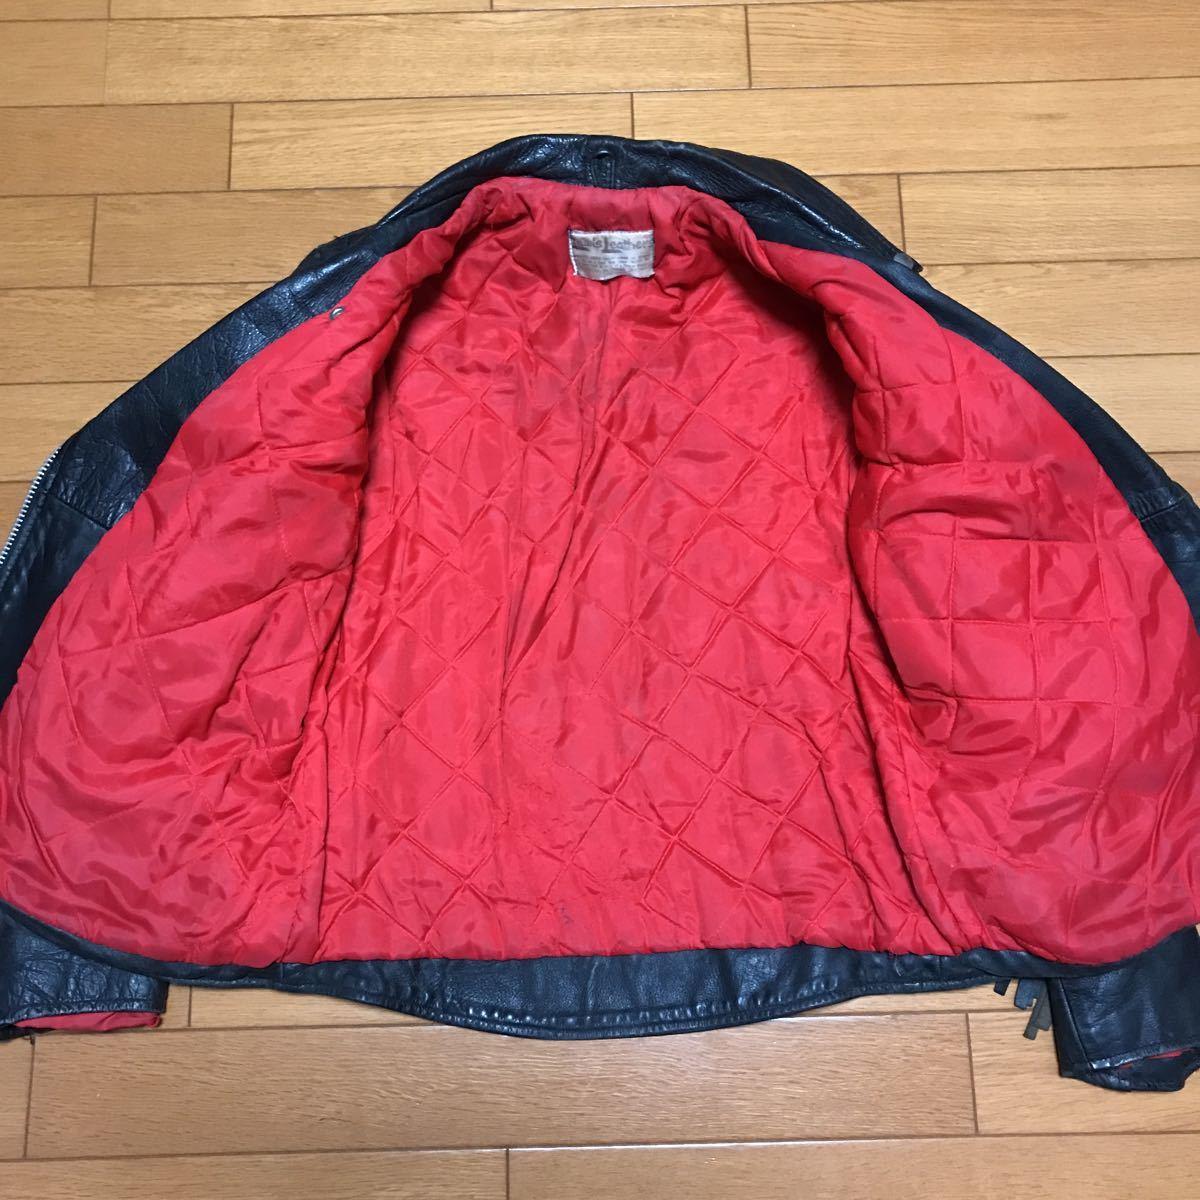 ヴィンテージ ルイスレザー スターライトニング フリンジ付き イングランド製 イギリス ライダースジャケット_画像6